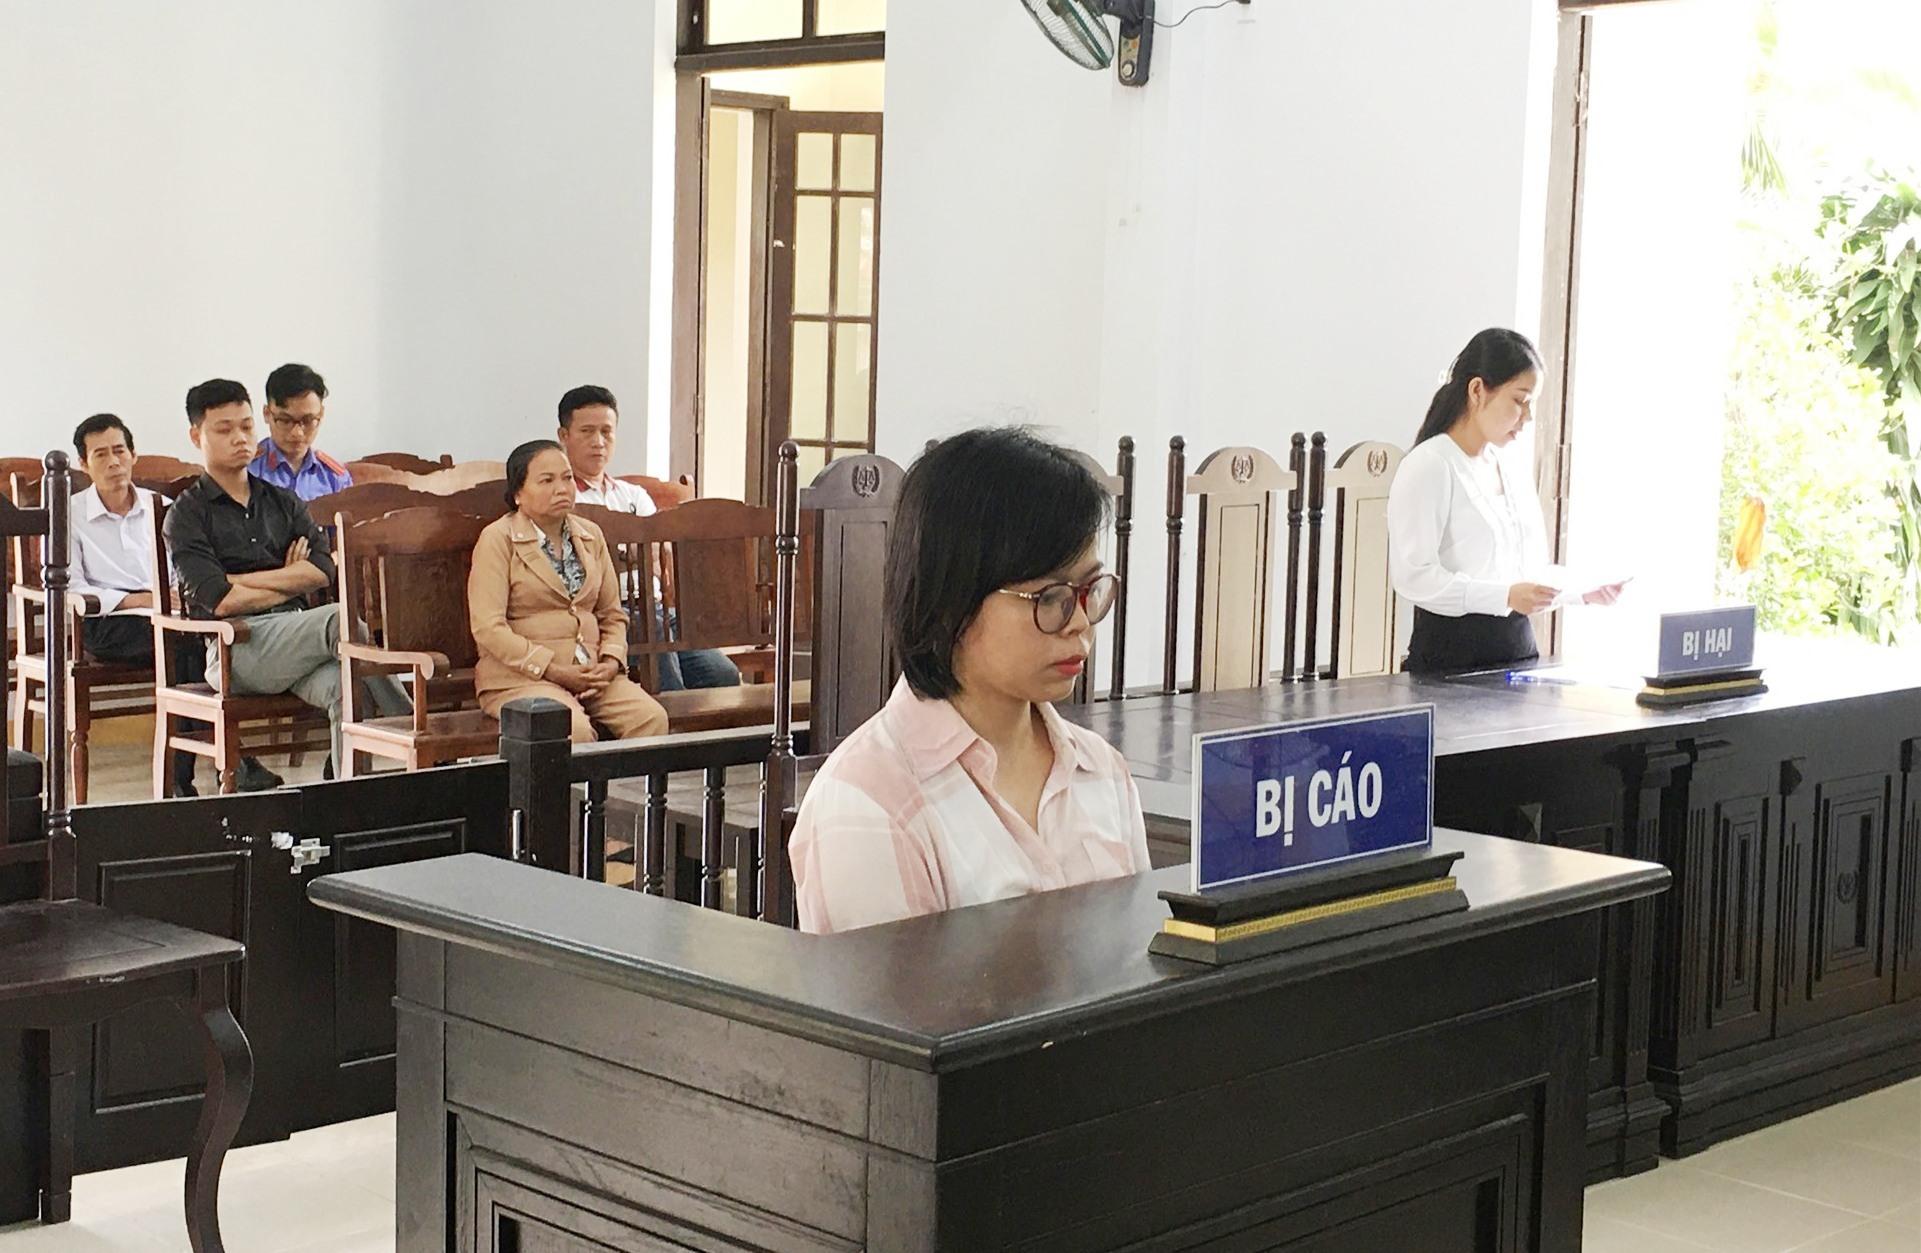 Bị cáo Đinh Thị Bích Hiền tại phiên tòa. Ảnh: H.C